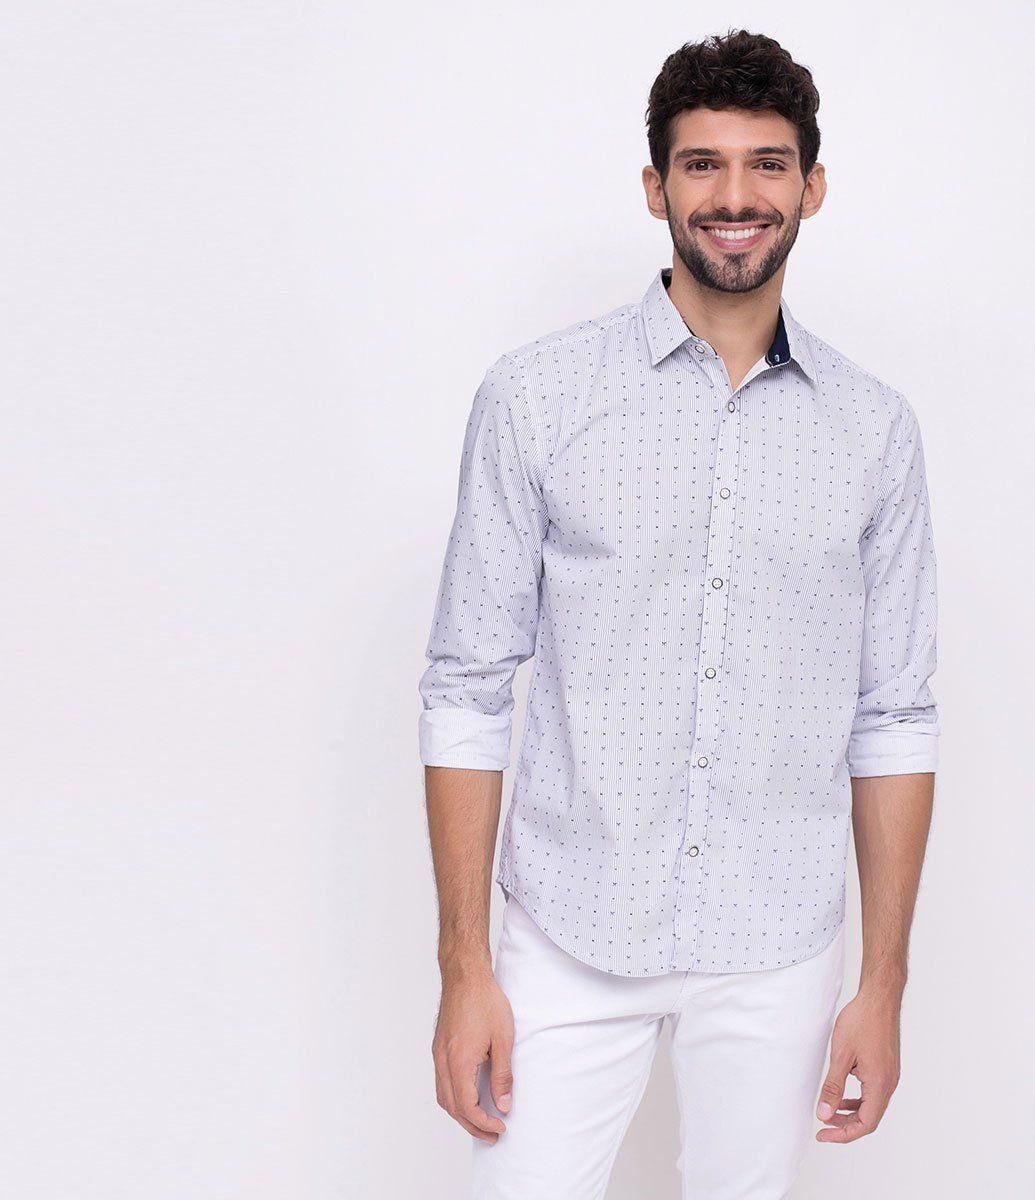 fb9ebaeac Camisa masculina Manga longa Estampada Marca  Marfinno Tecido  algodão  Composição  60% algodão